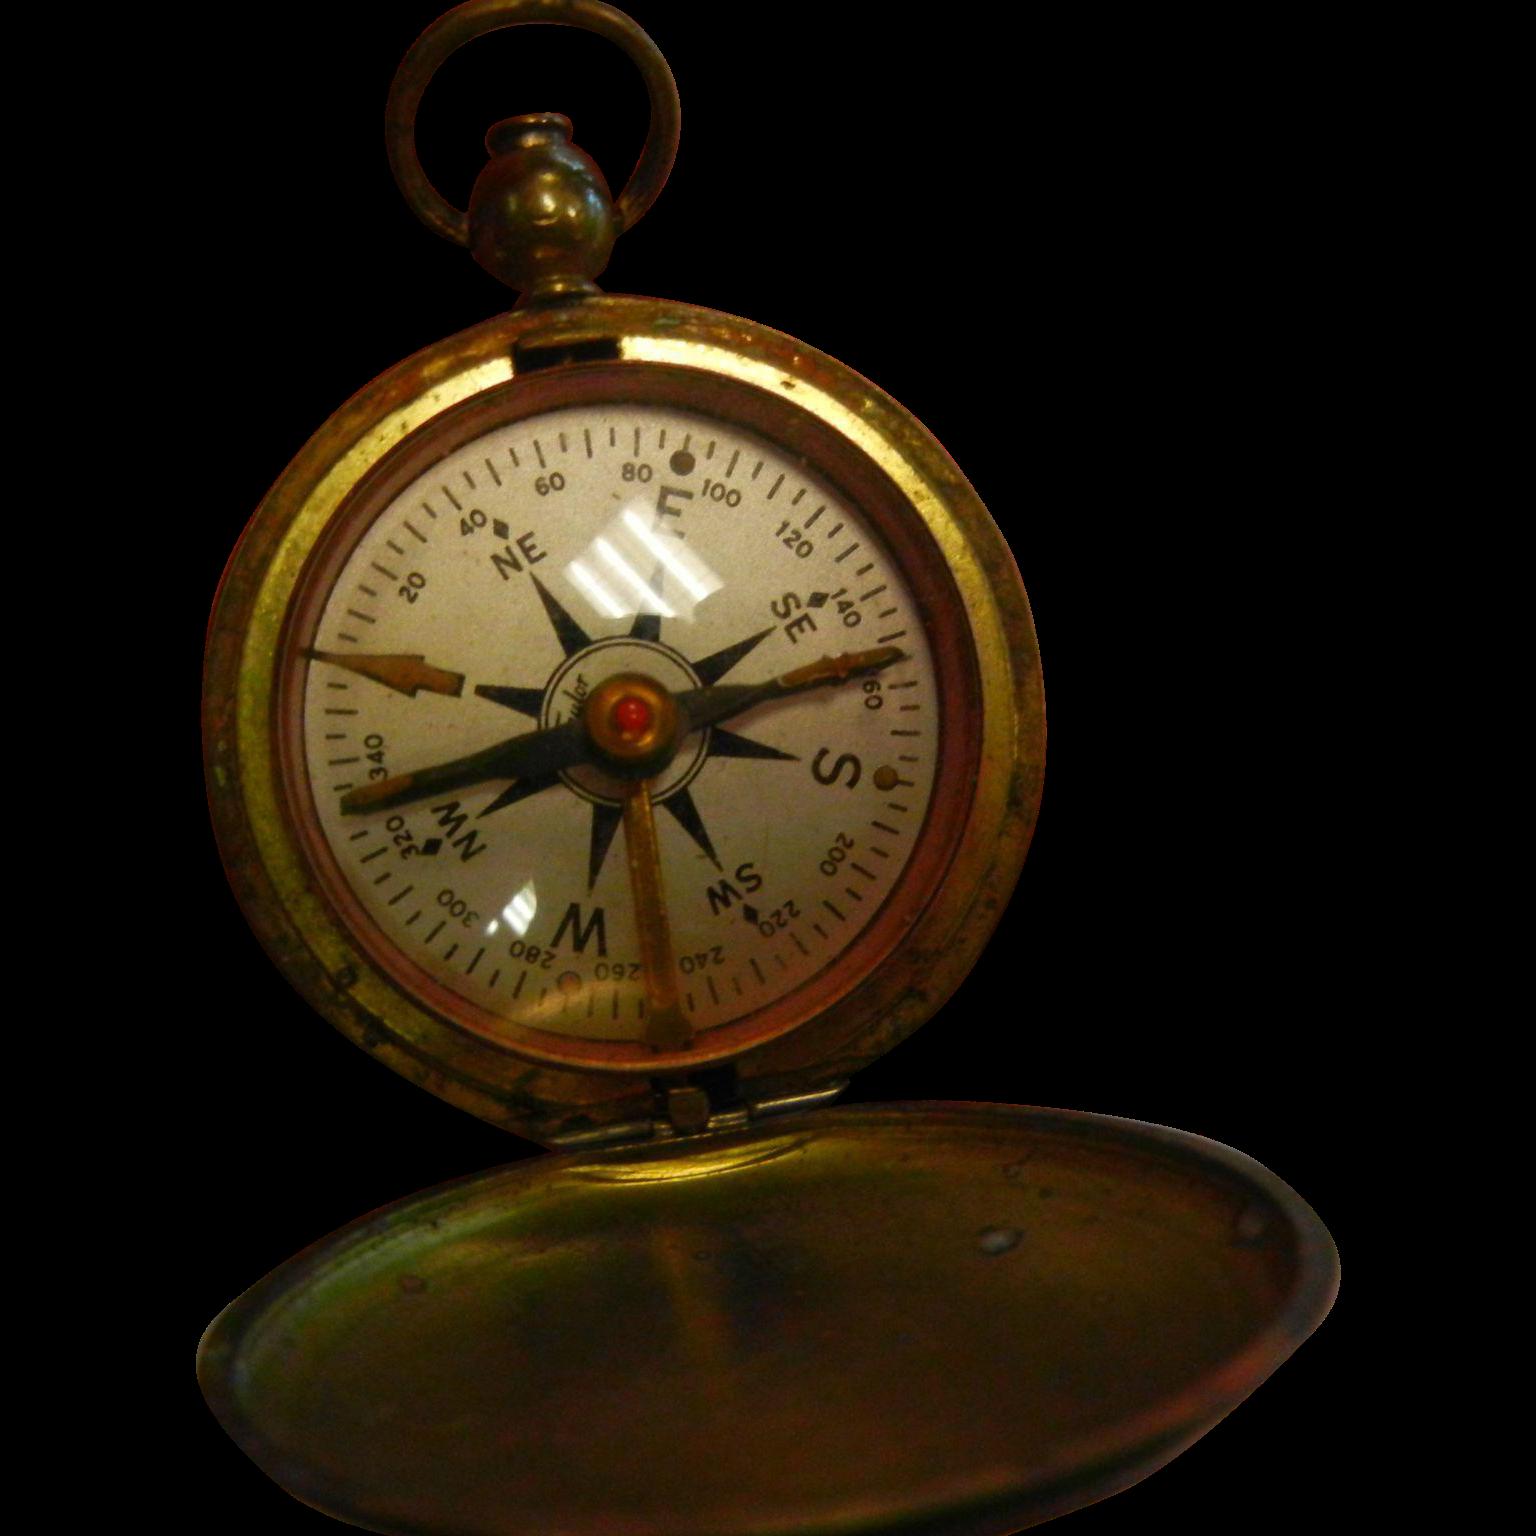 Vintage Pocket Compass Bigking Keywords And Pictures